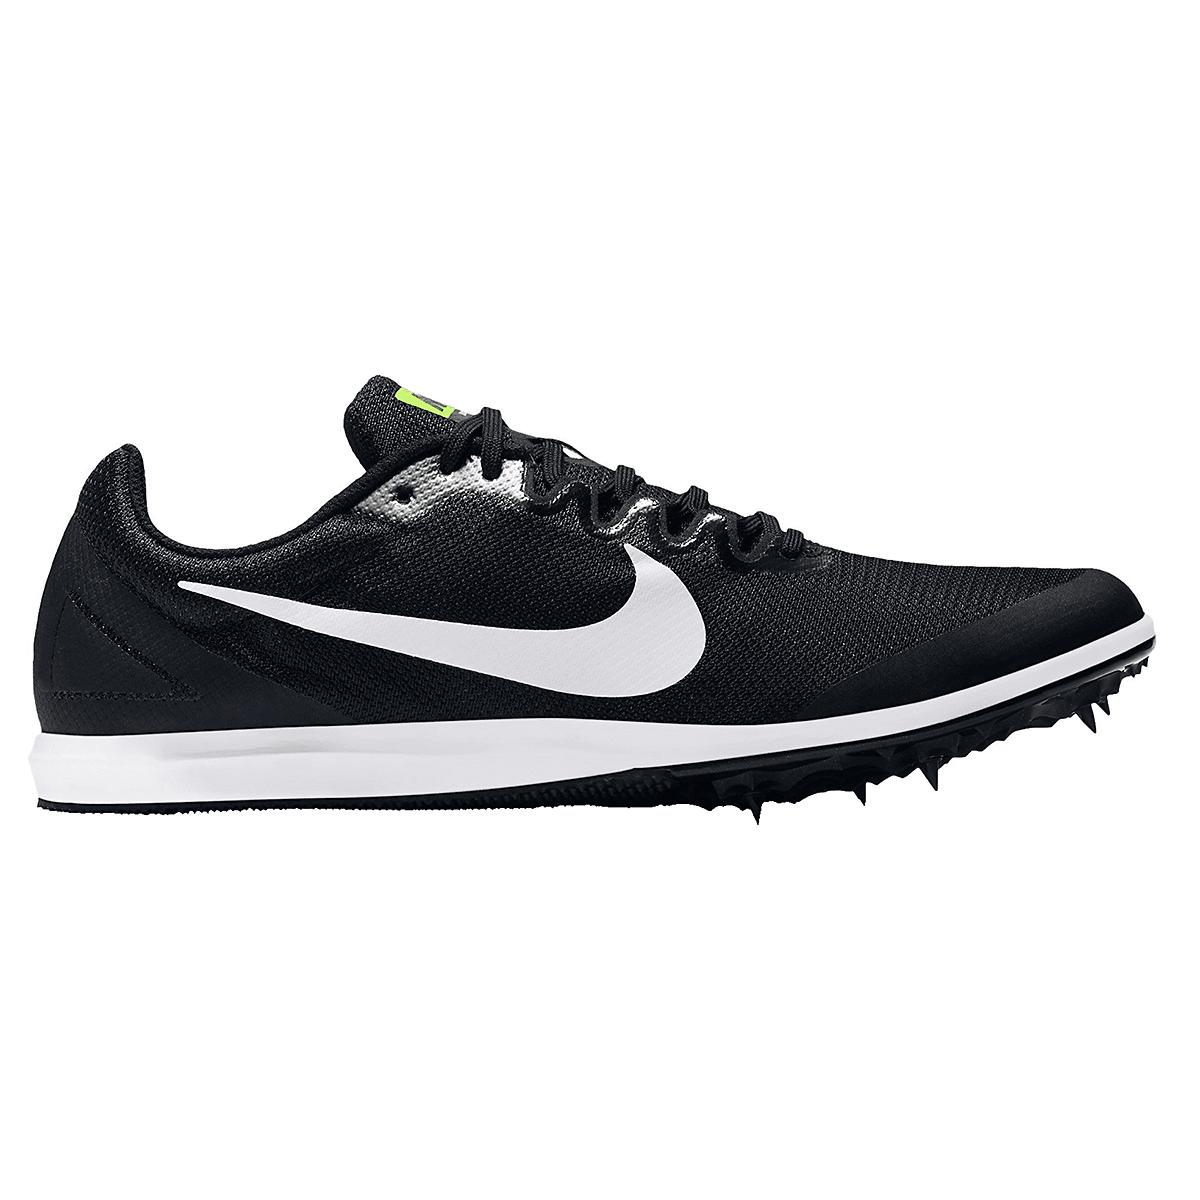 Nike Zoom Rival D Track Spikes - Color: Black/White/Volt - Size: 5 - Width: Regular, Black/White/Volt, large, image 1